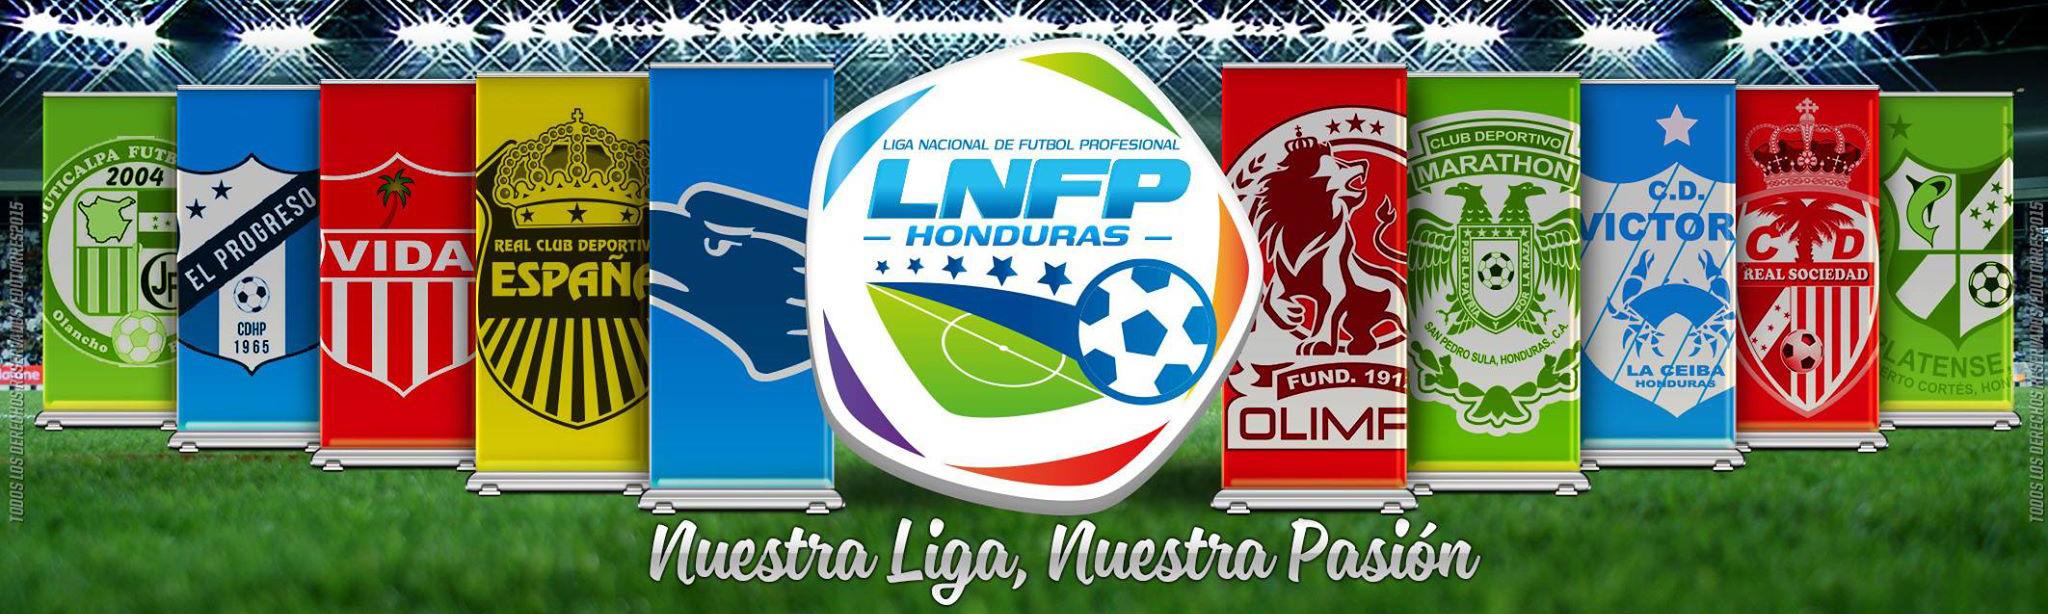 logo-ln2